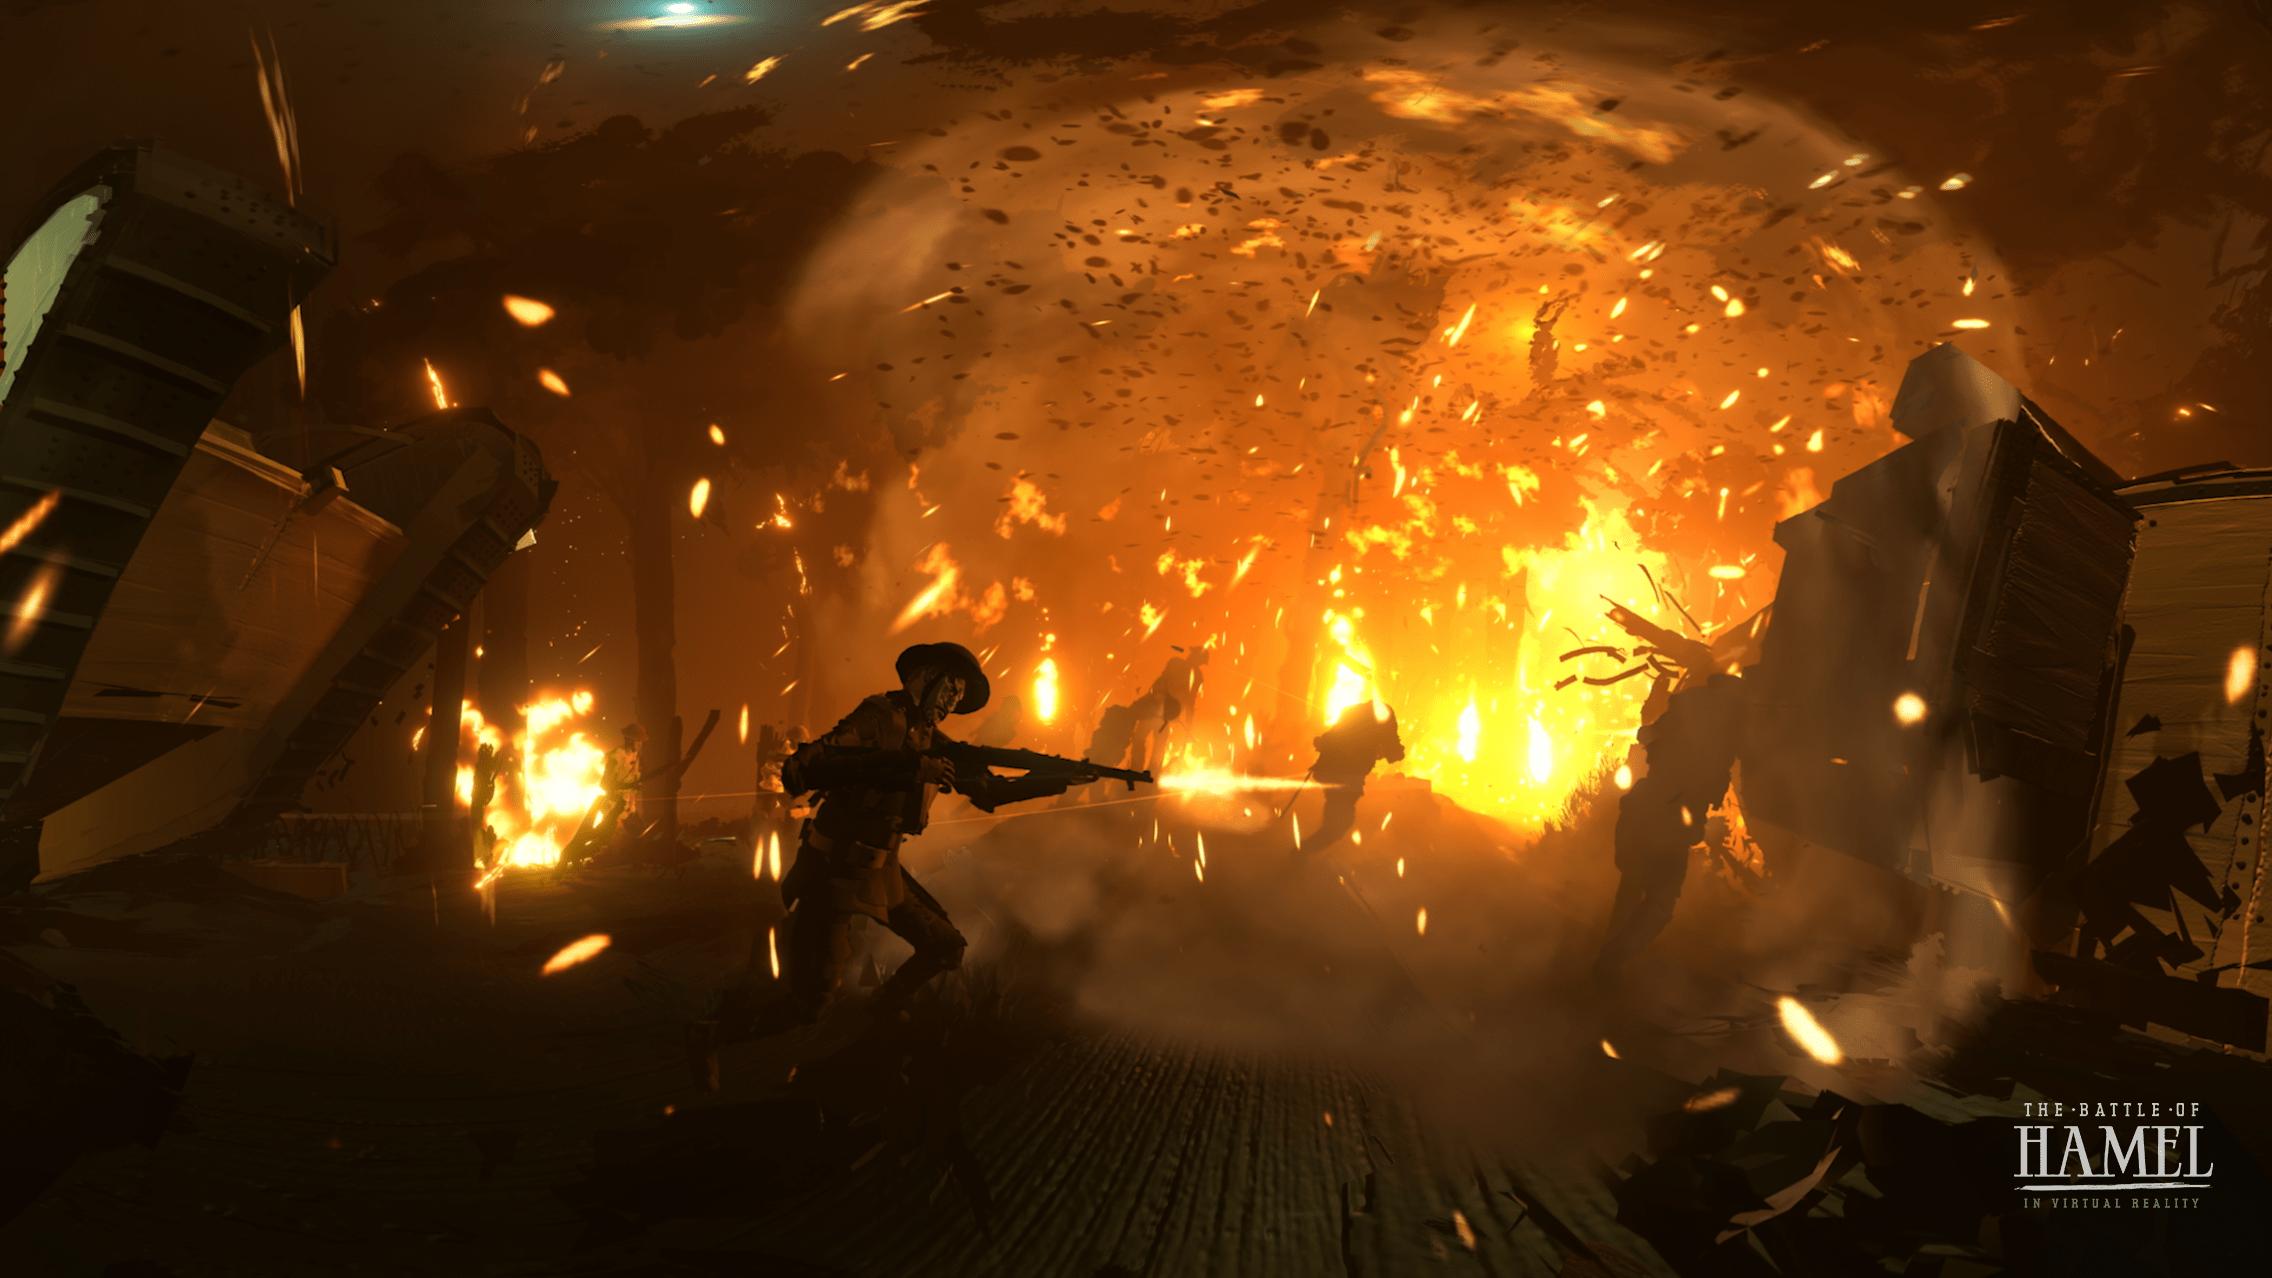 The Battle of Hamel VR Project Screenshot 02